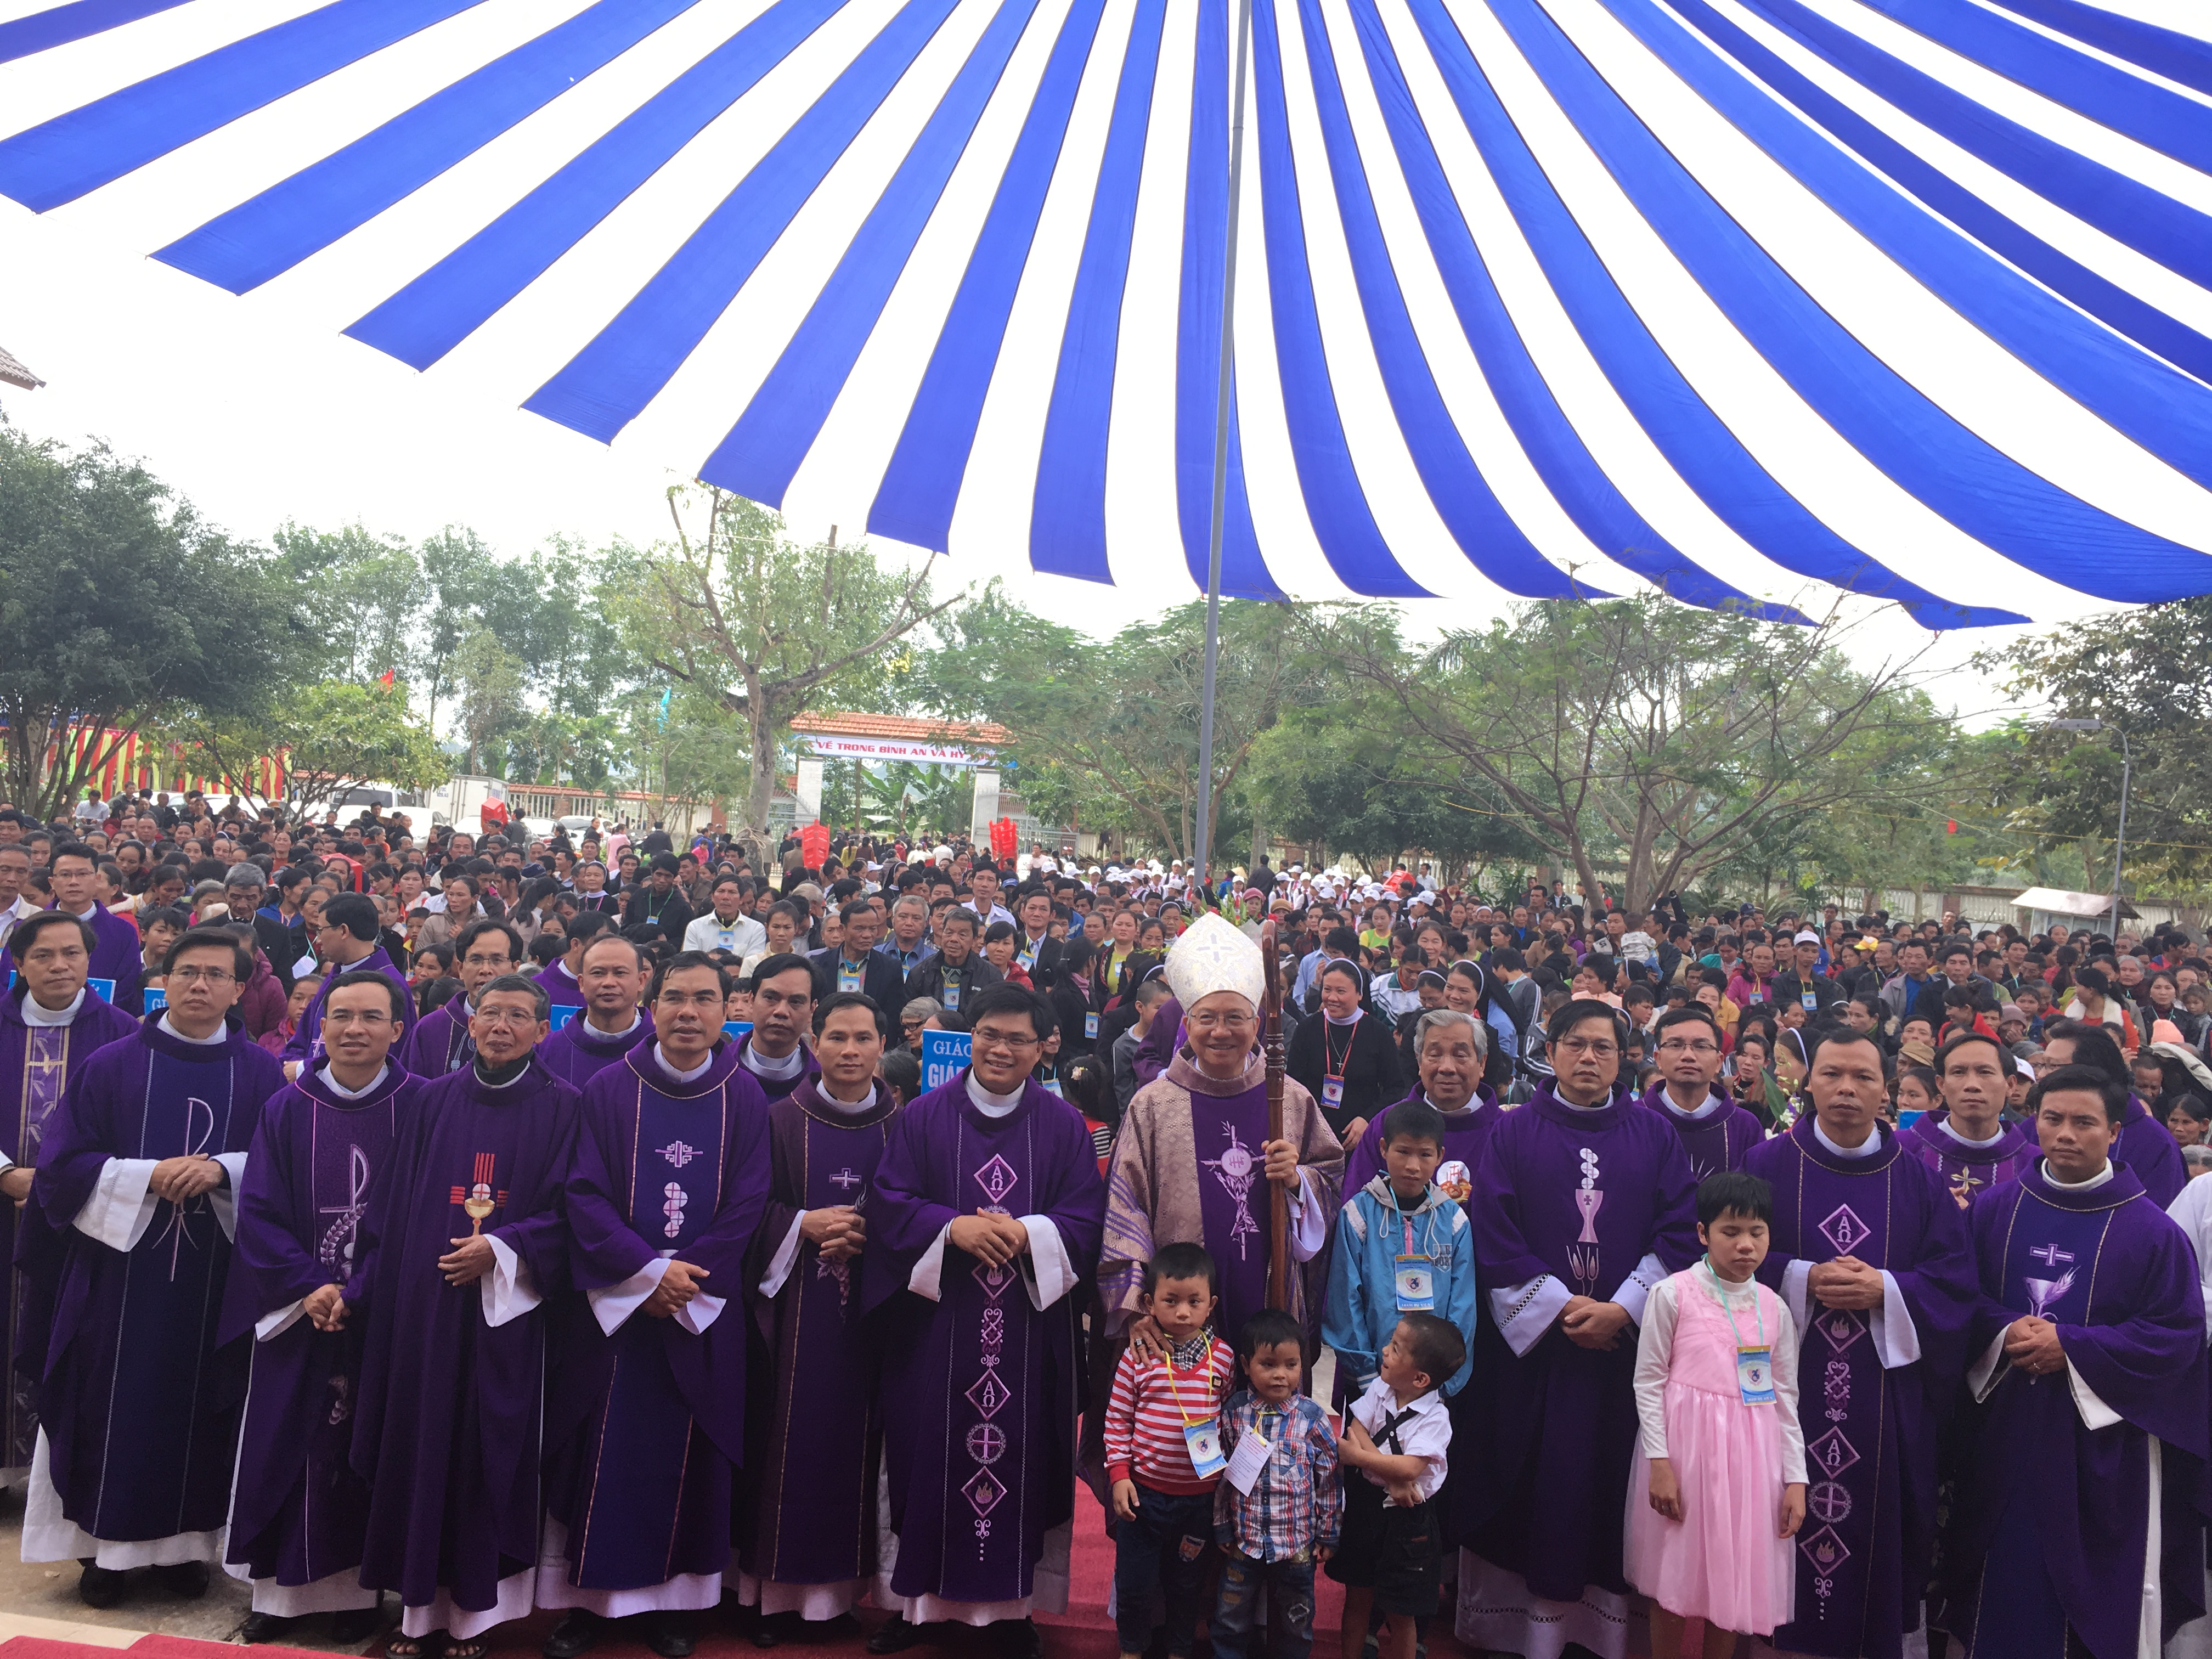 Giáo phận Vinh tổ chức Lễ Hội Người Khuyết Tật để hỗ trợ dân nghèo Quảng Bình